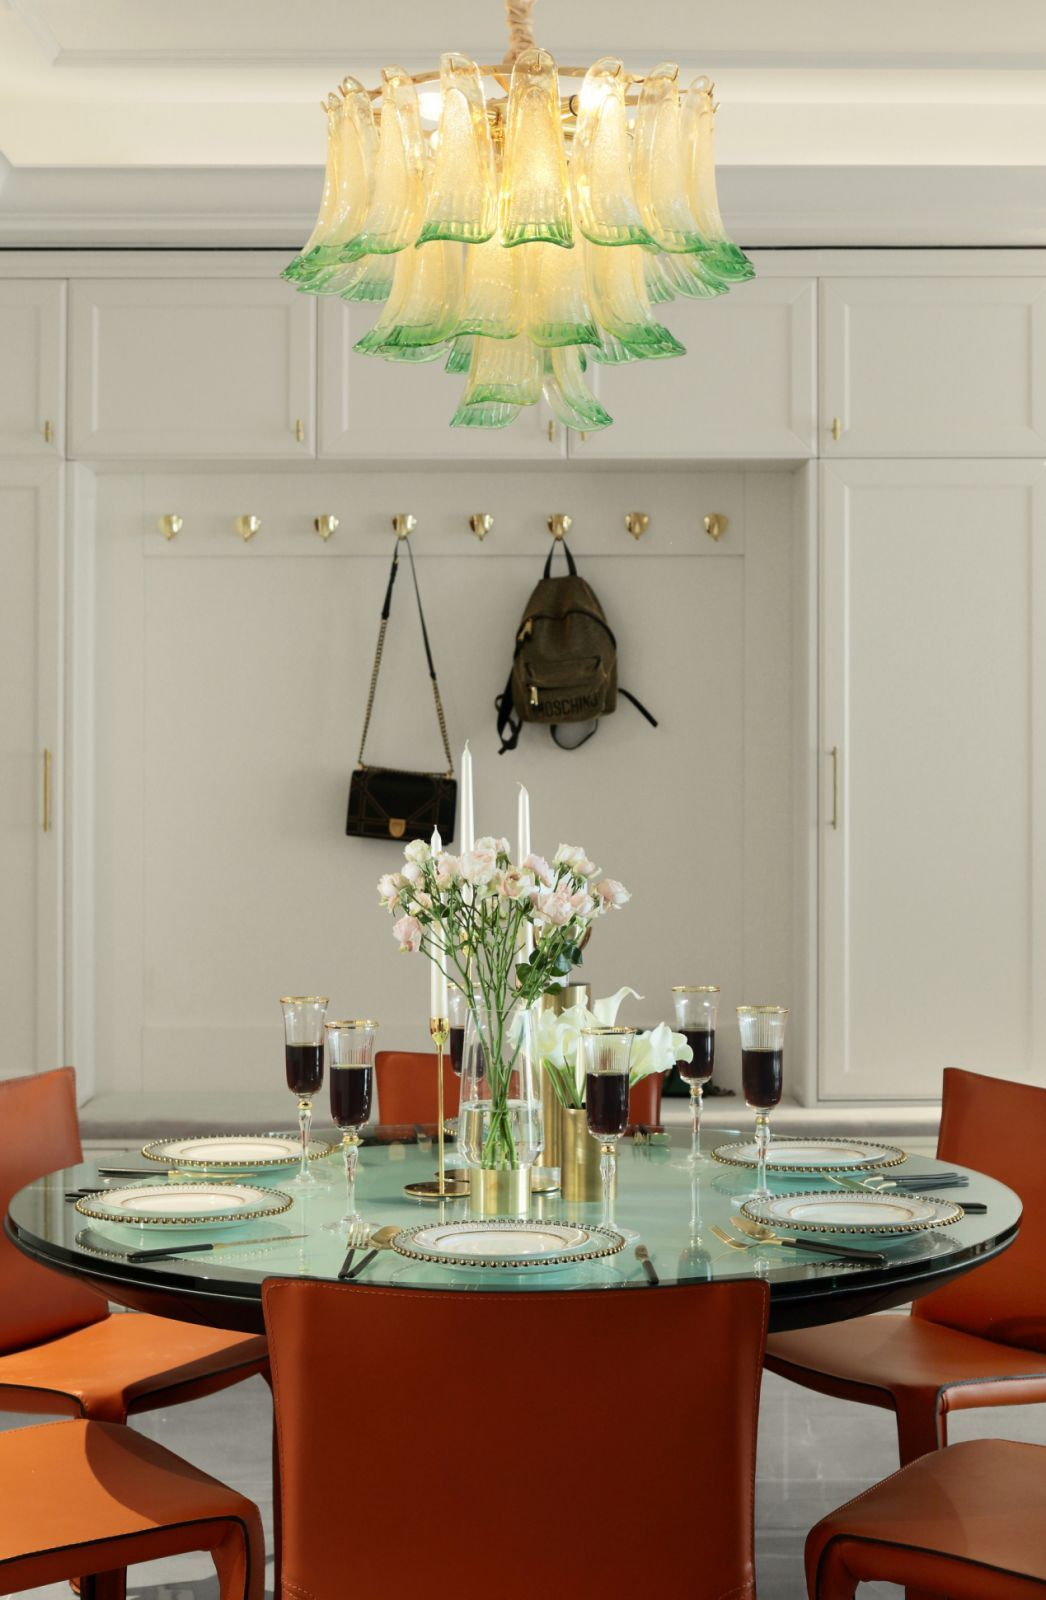 餐厅装修在整体家装中的地位不可动摇,餐厅装修效果图也越来越受到高度重视。